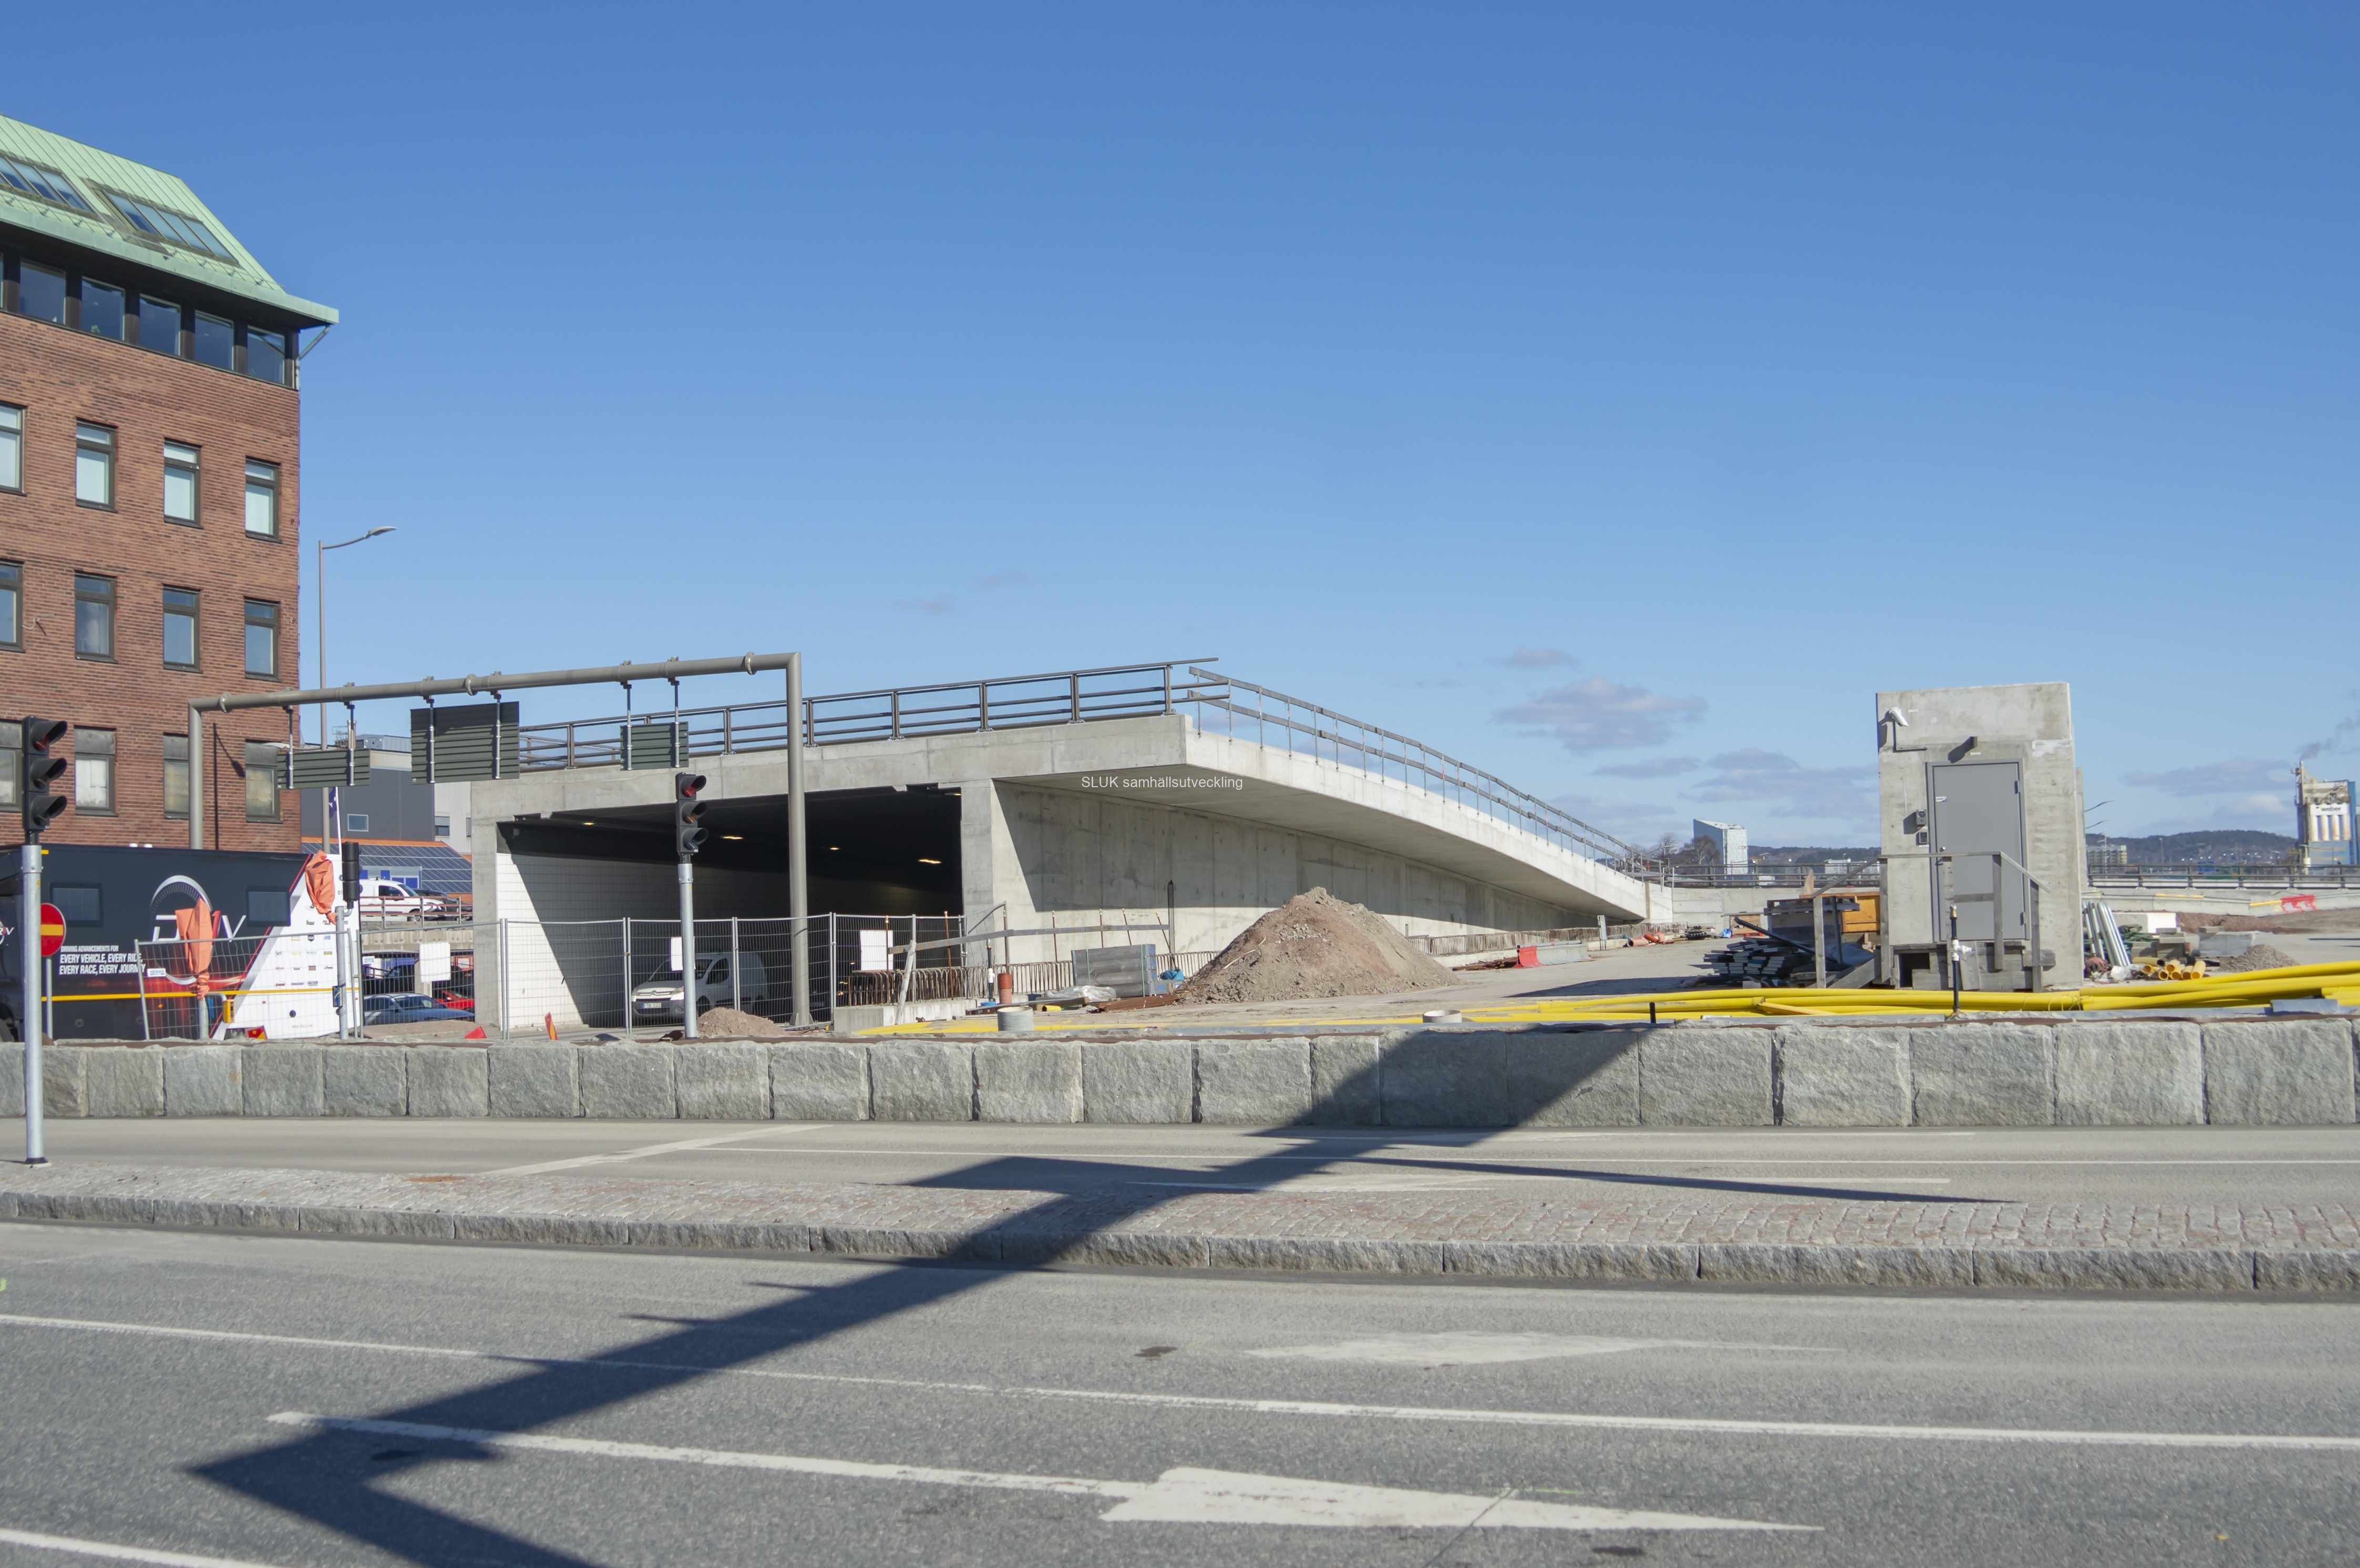 Den norrgående tunneln, här på bilden är bland annat uppfart mot Falutorget.